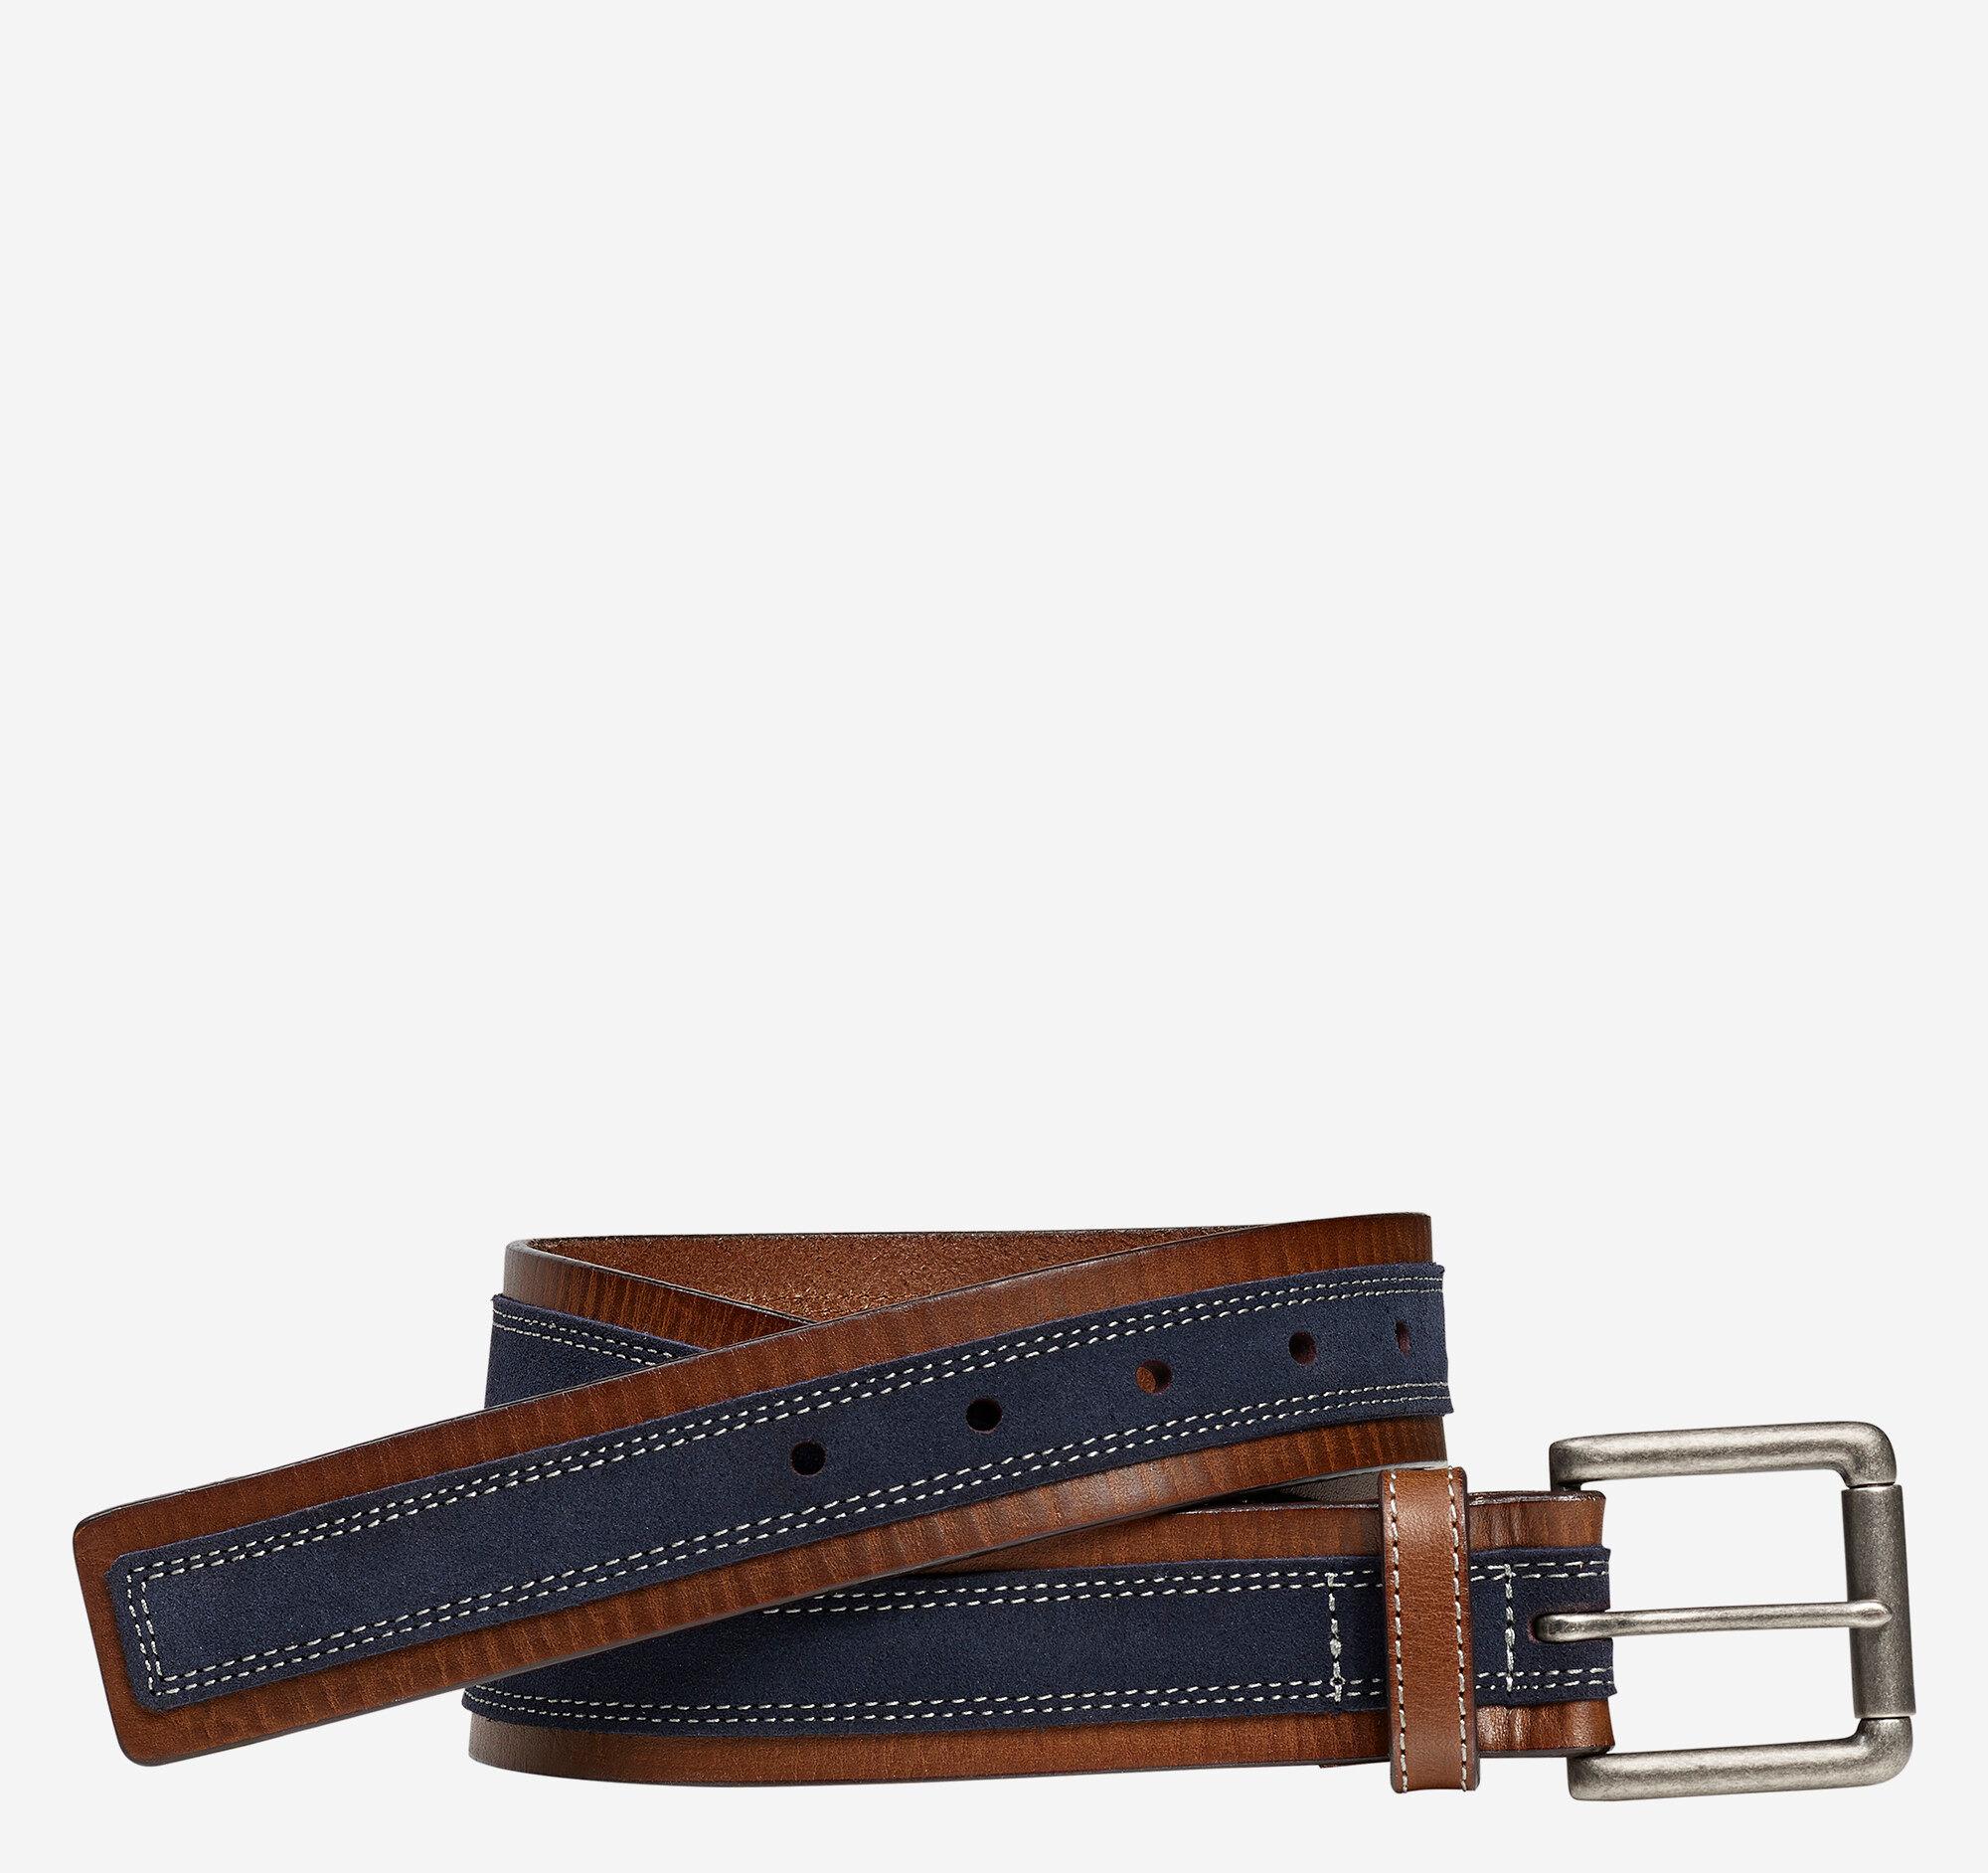 Johnston & Murphy Men's Suede Overlay Belt - Brown/Navy - Size 42